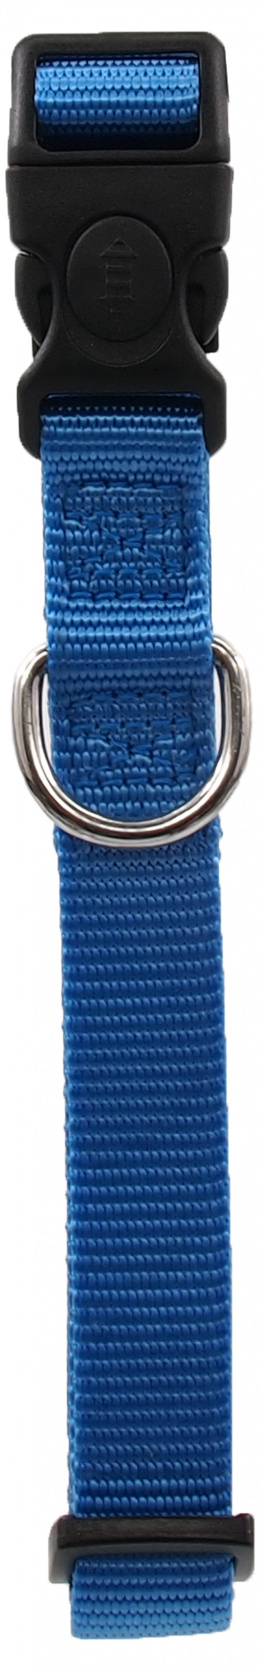 Ошейник - Dog Fantasy Classic Neilona M, 2cm, 34-49cm, цвет - синий